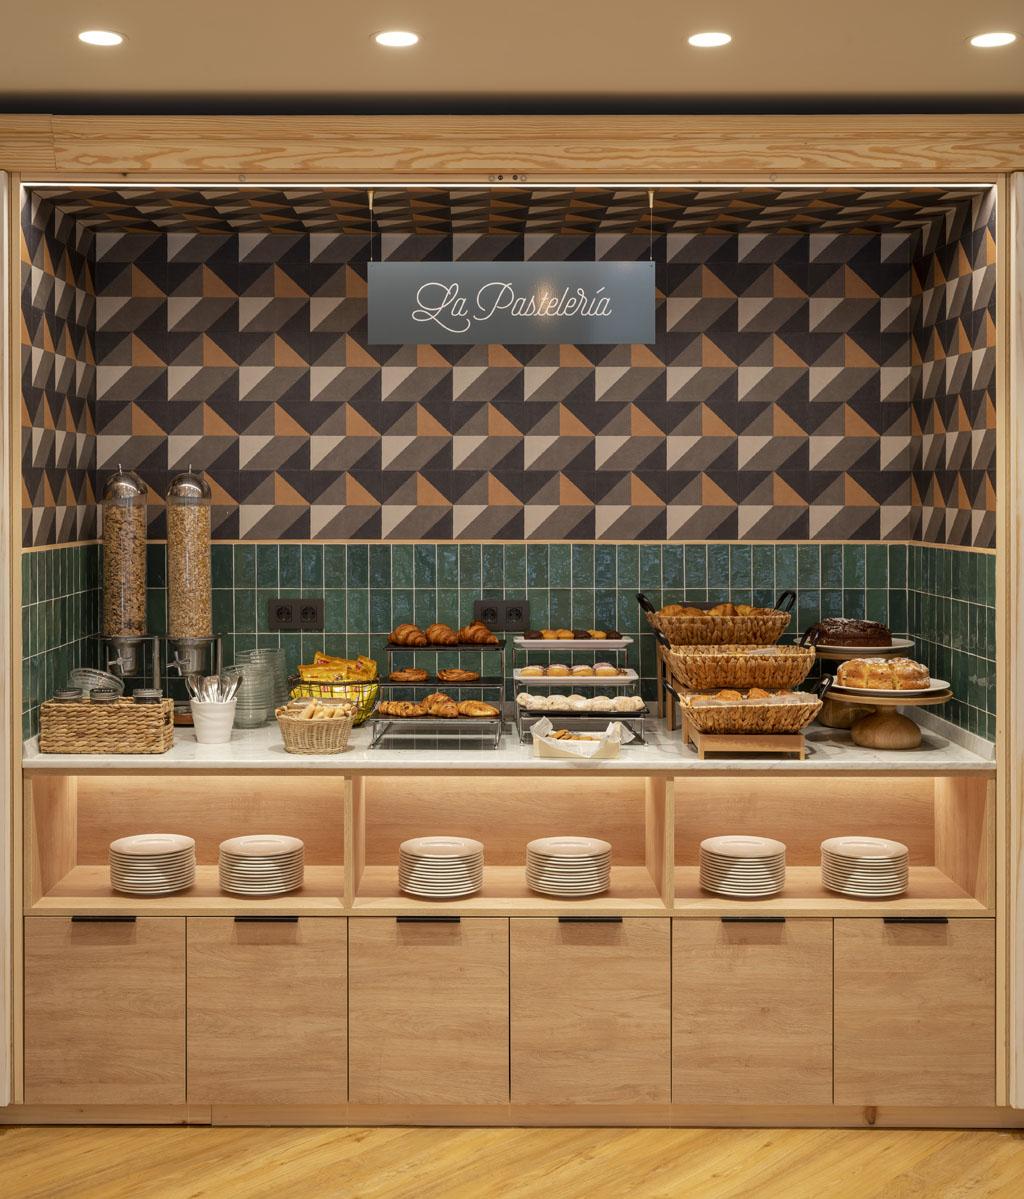 restaurante-vitoria-interiorismo-pasteleria